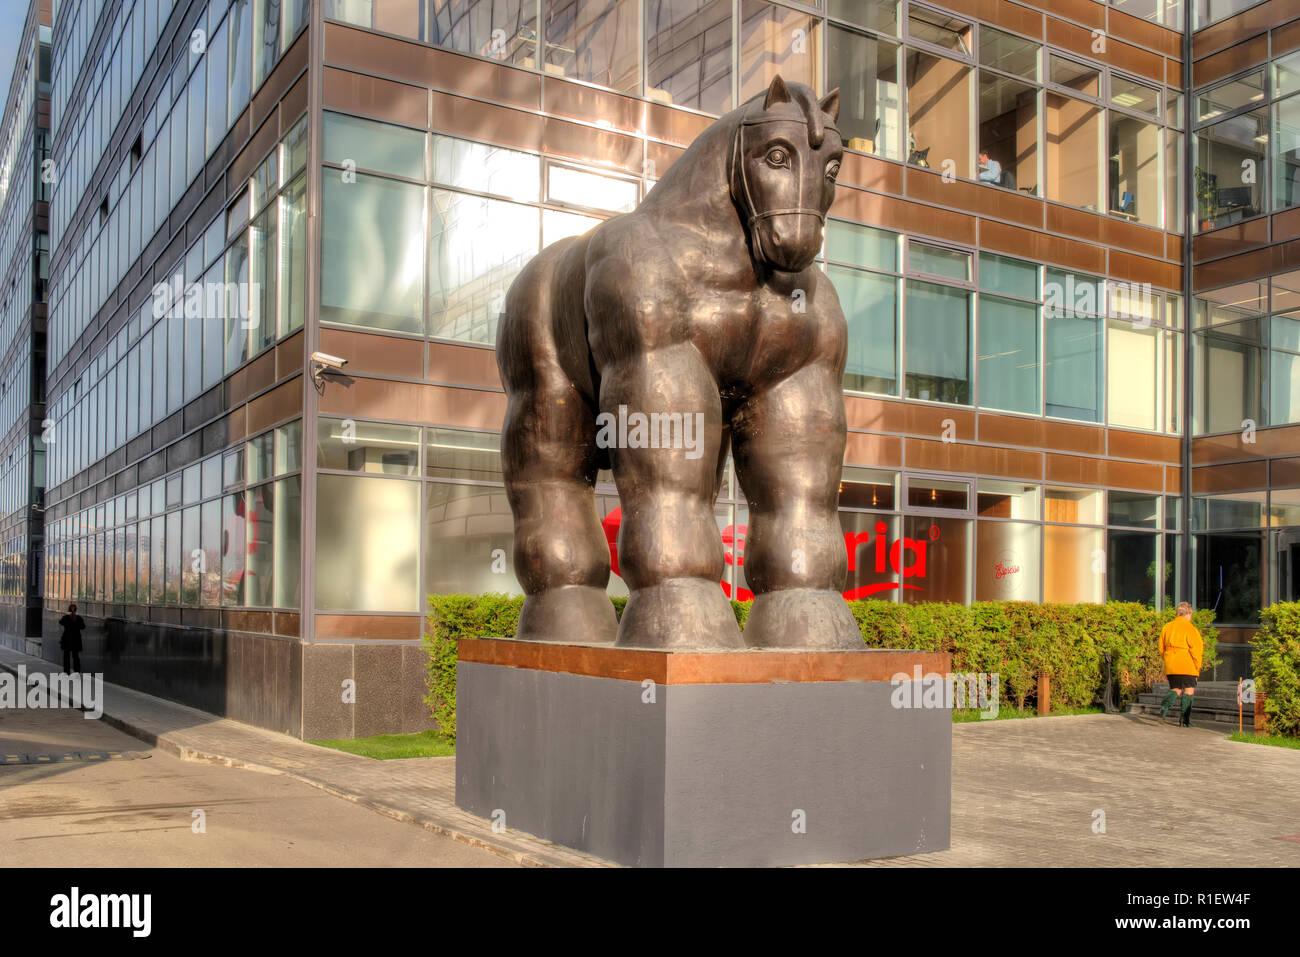 Moscou, Russie - novembre 07,2018: Sculpture du cheval de Troie dans la zone du centre d'affaires. La création d'un sculpteur colombien Photo Stock